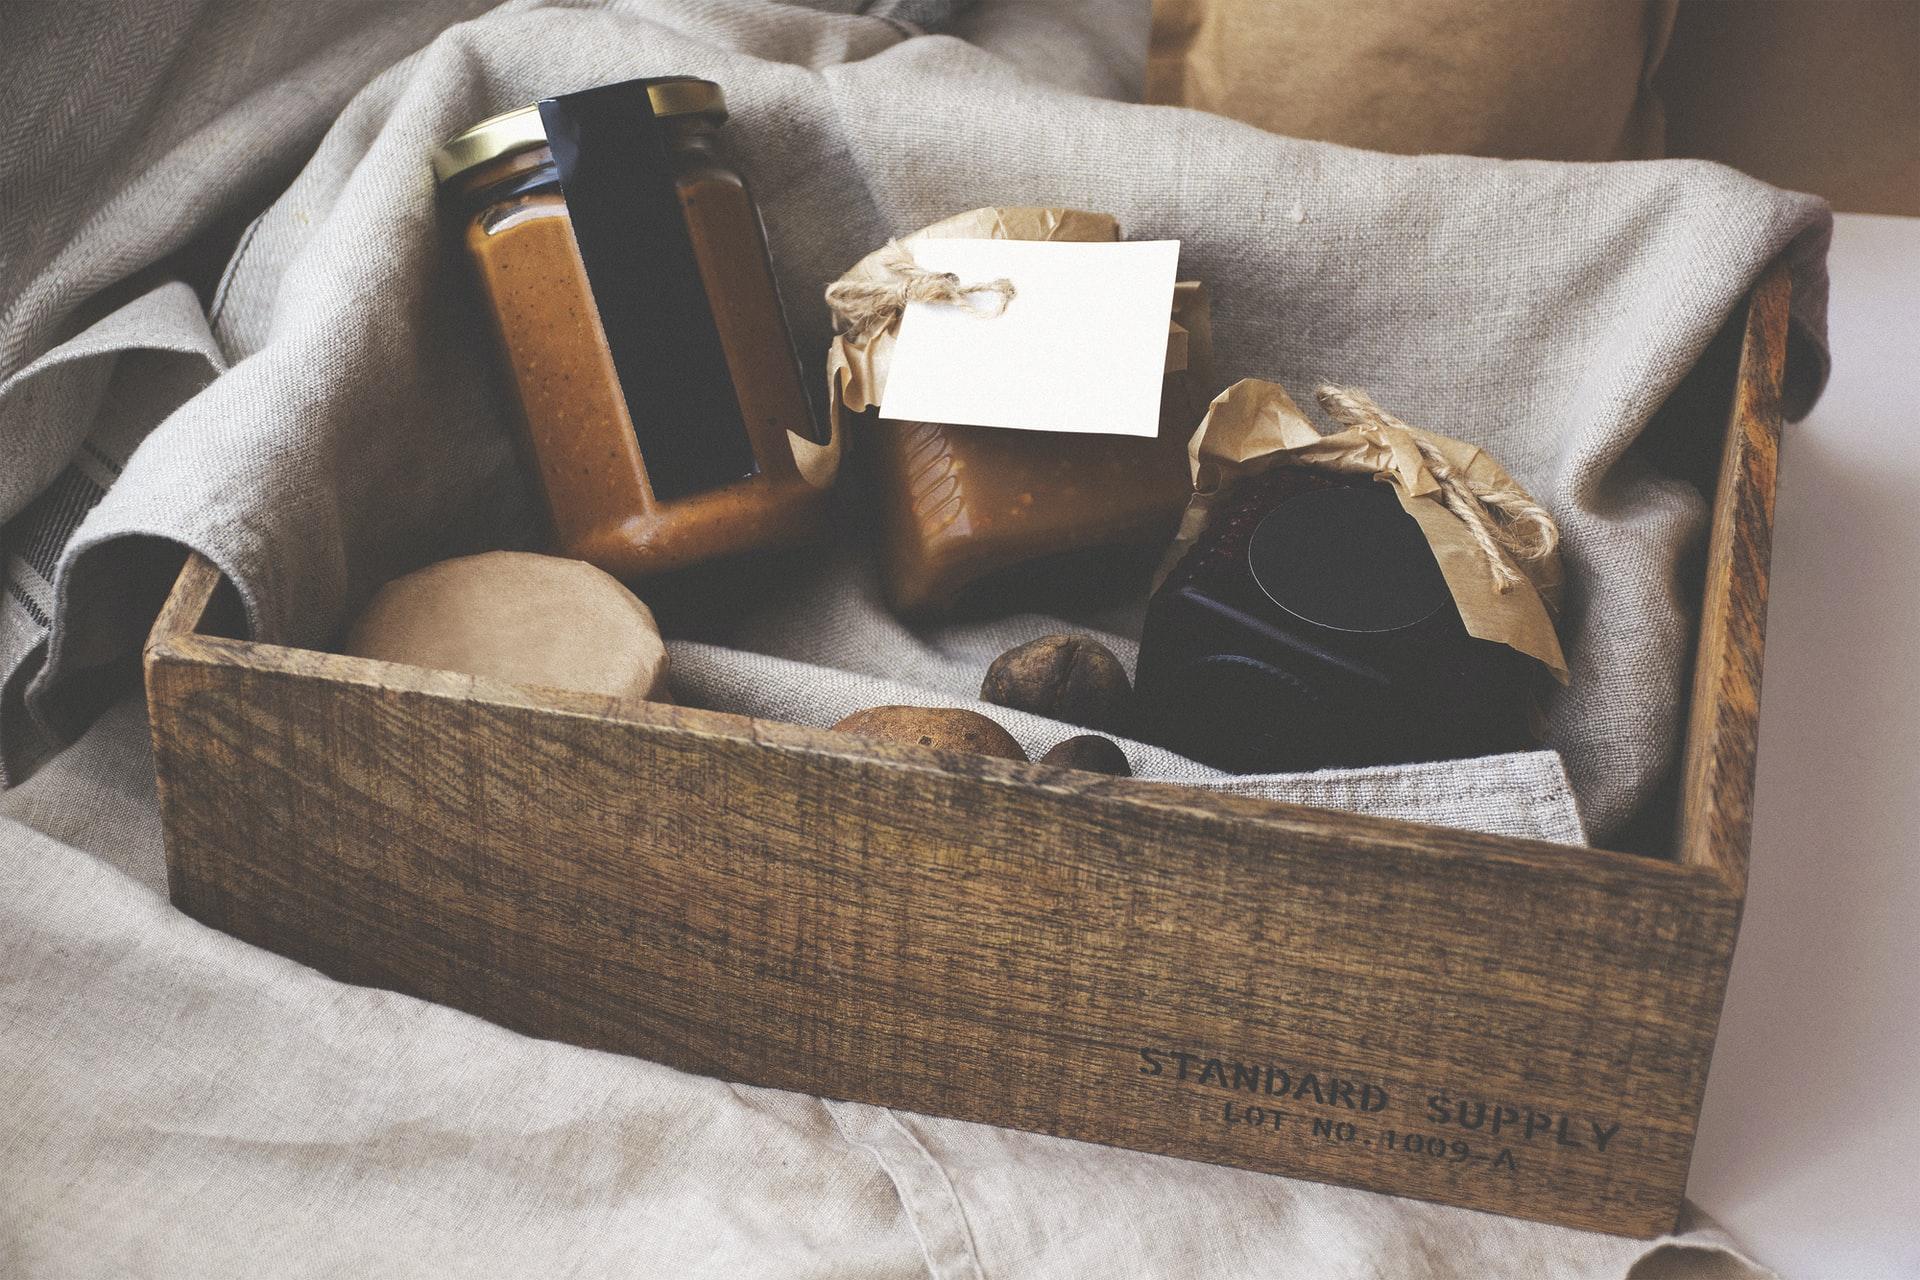 food hamper gift